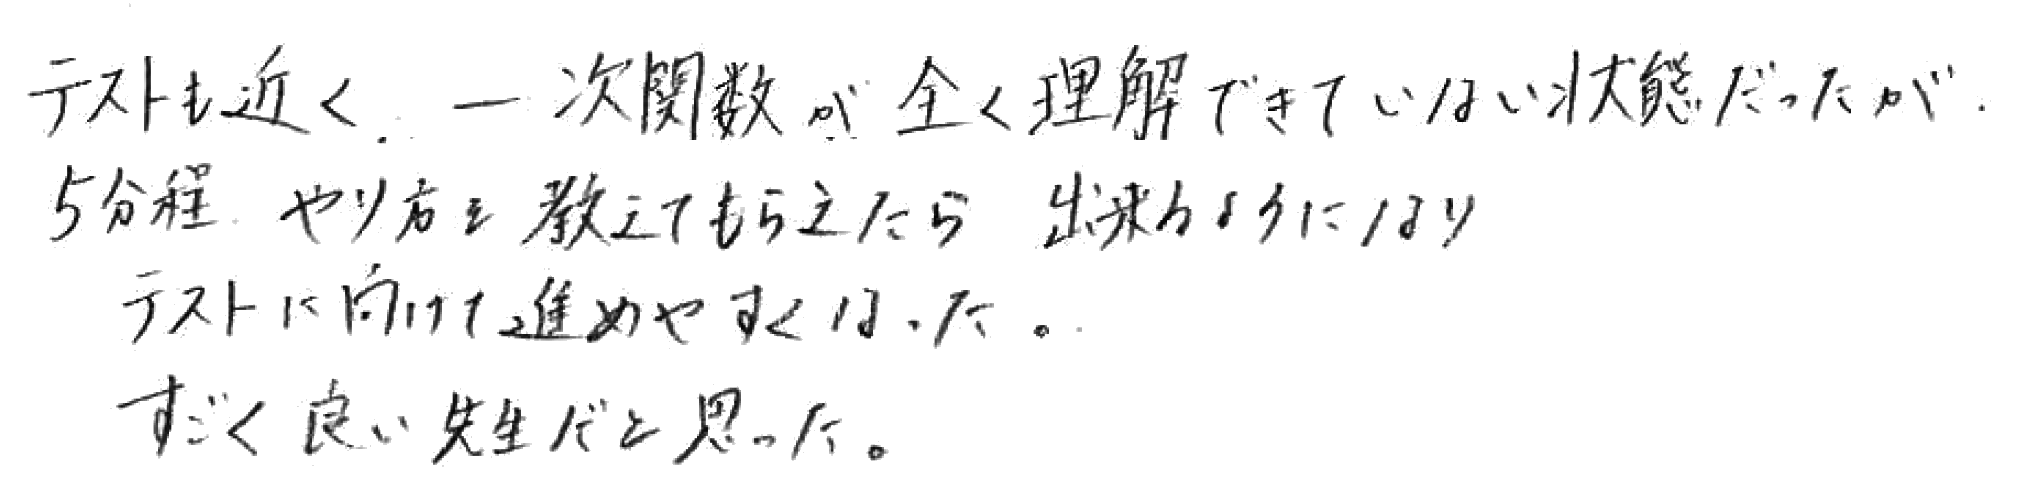 Y.Sちゃん(安曇野市)からの口コミ